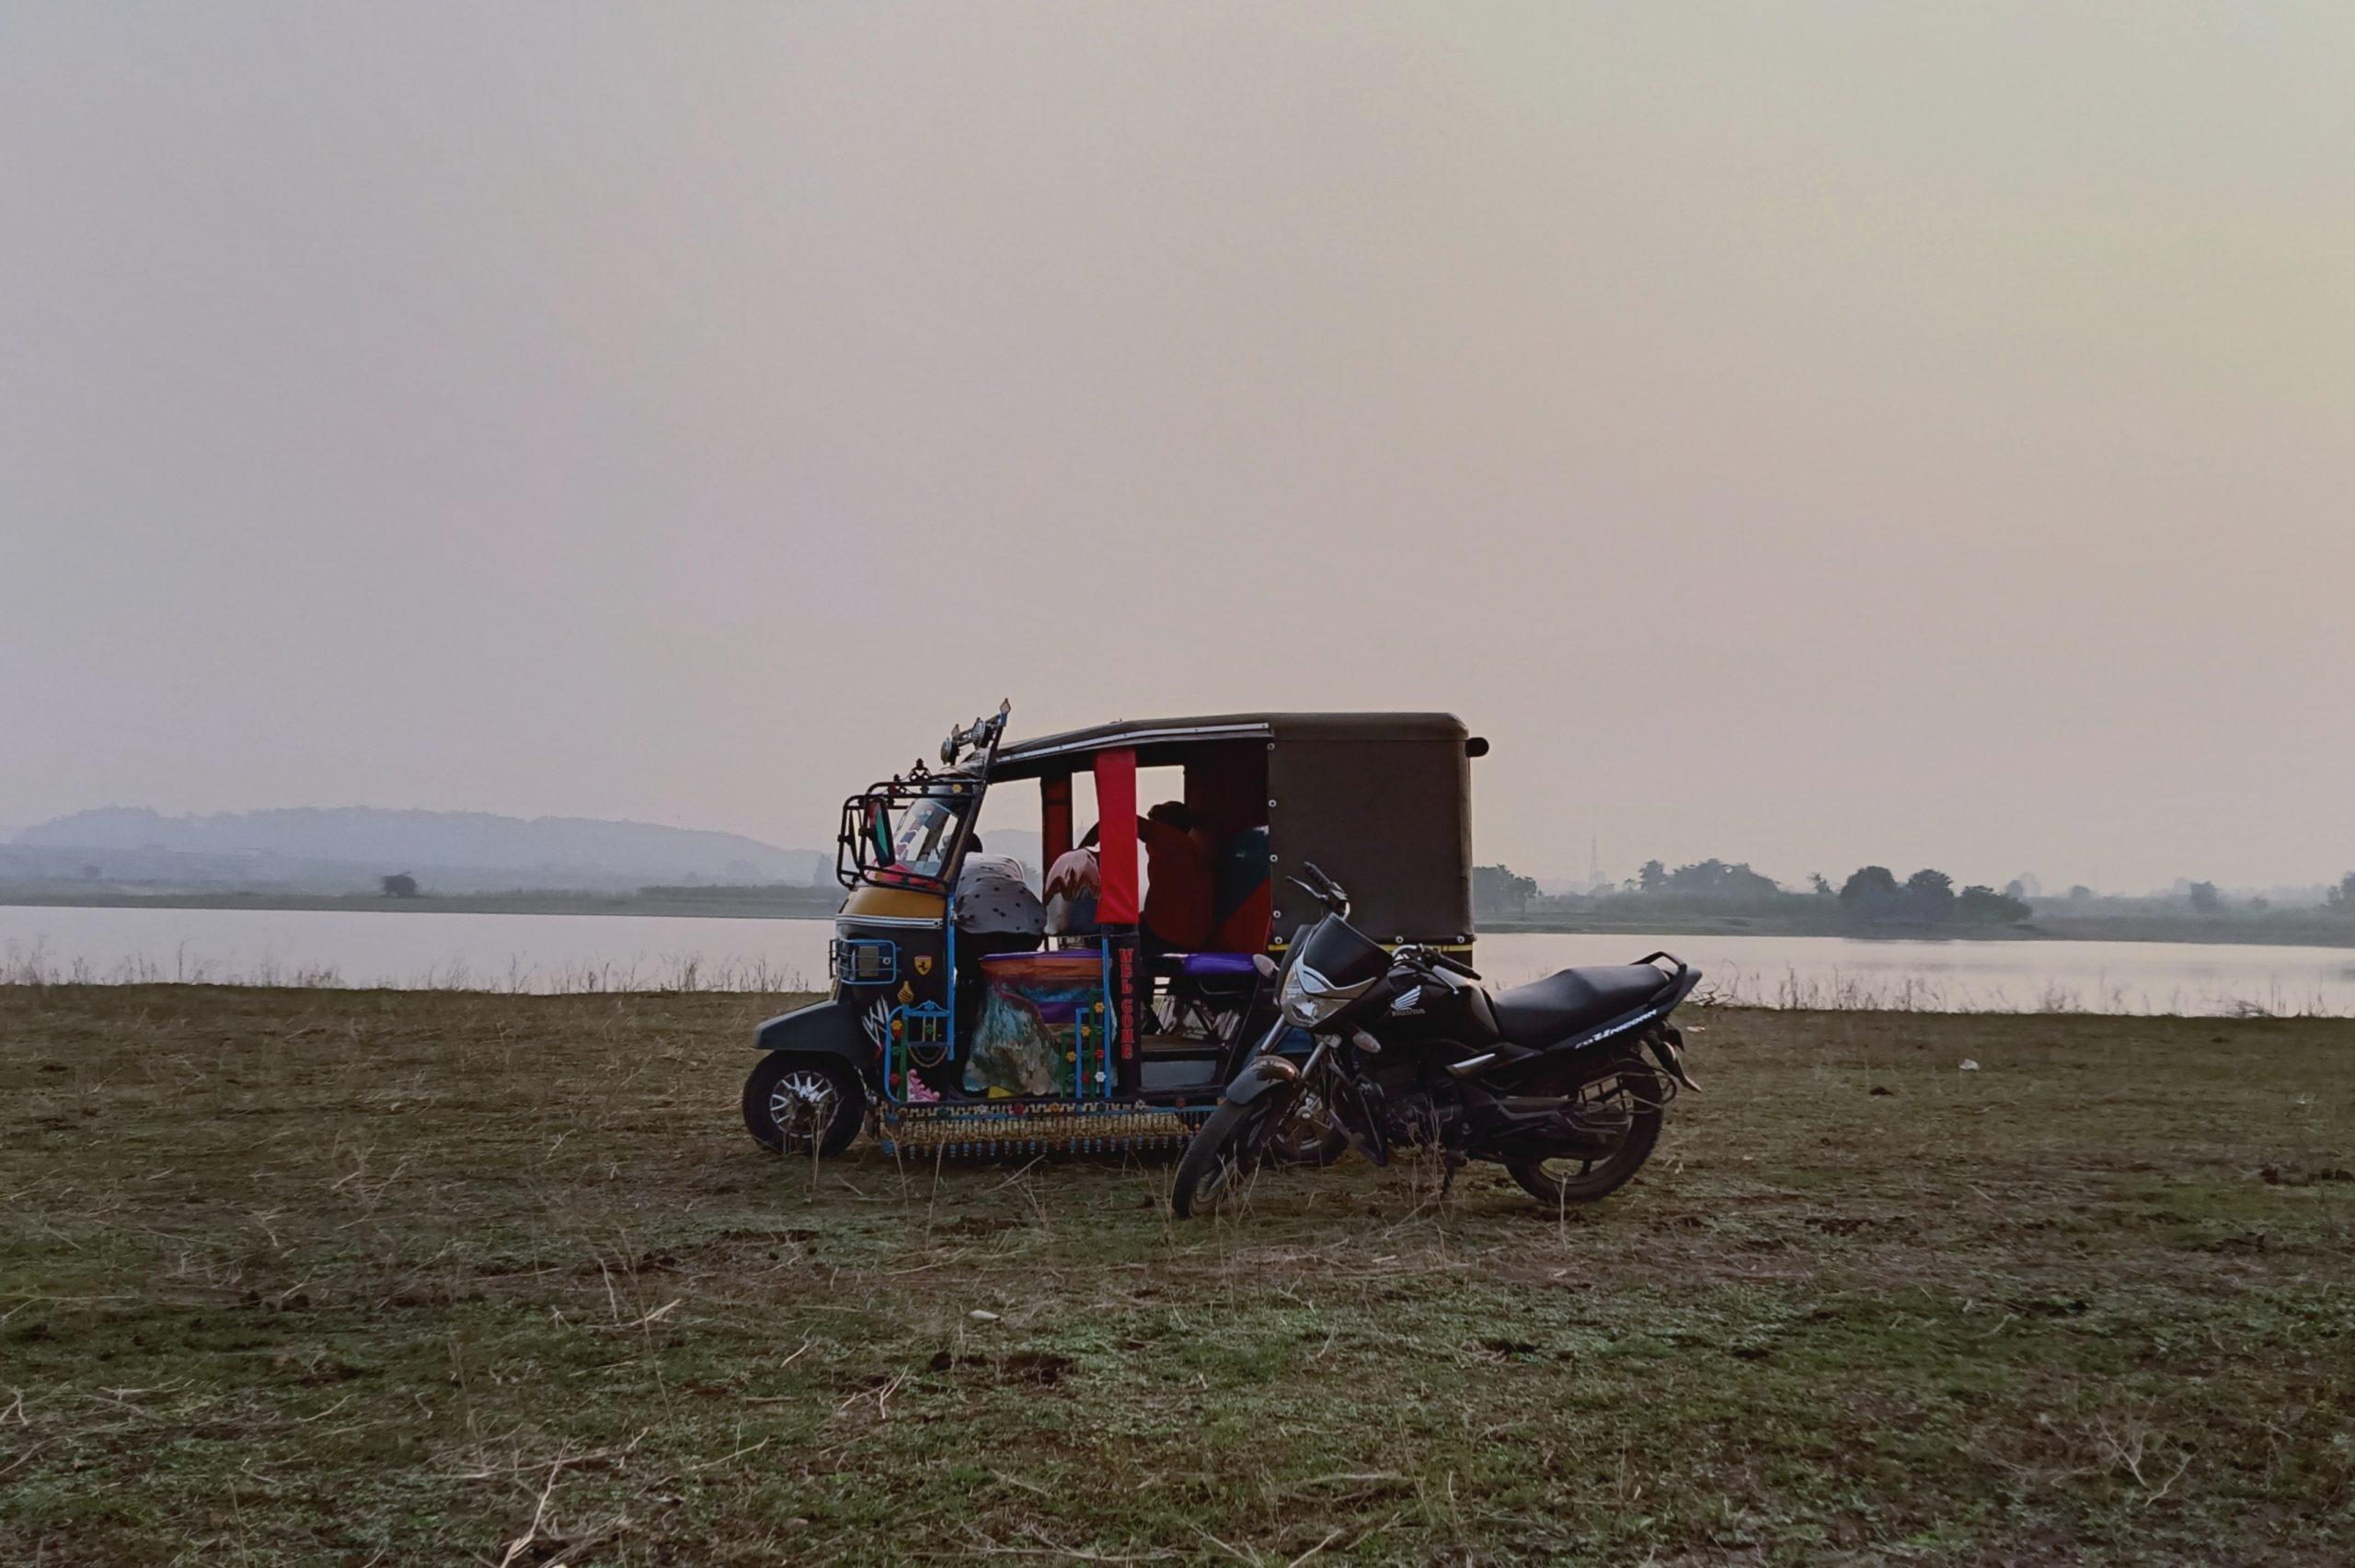 An auto rickshaw and a bike